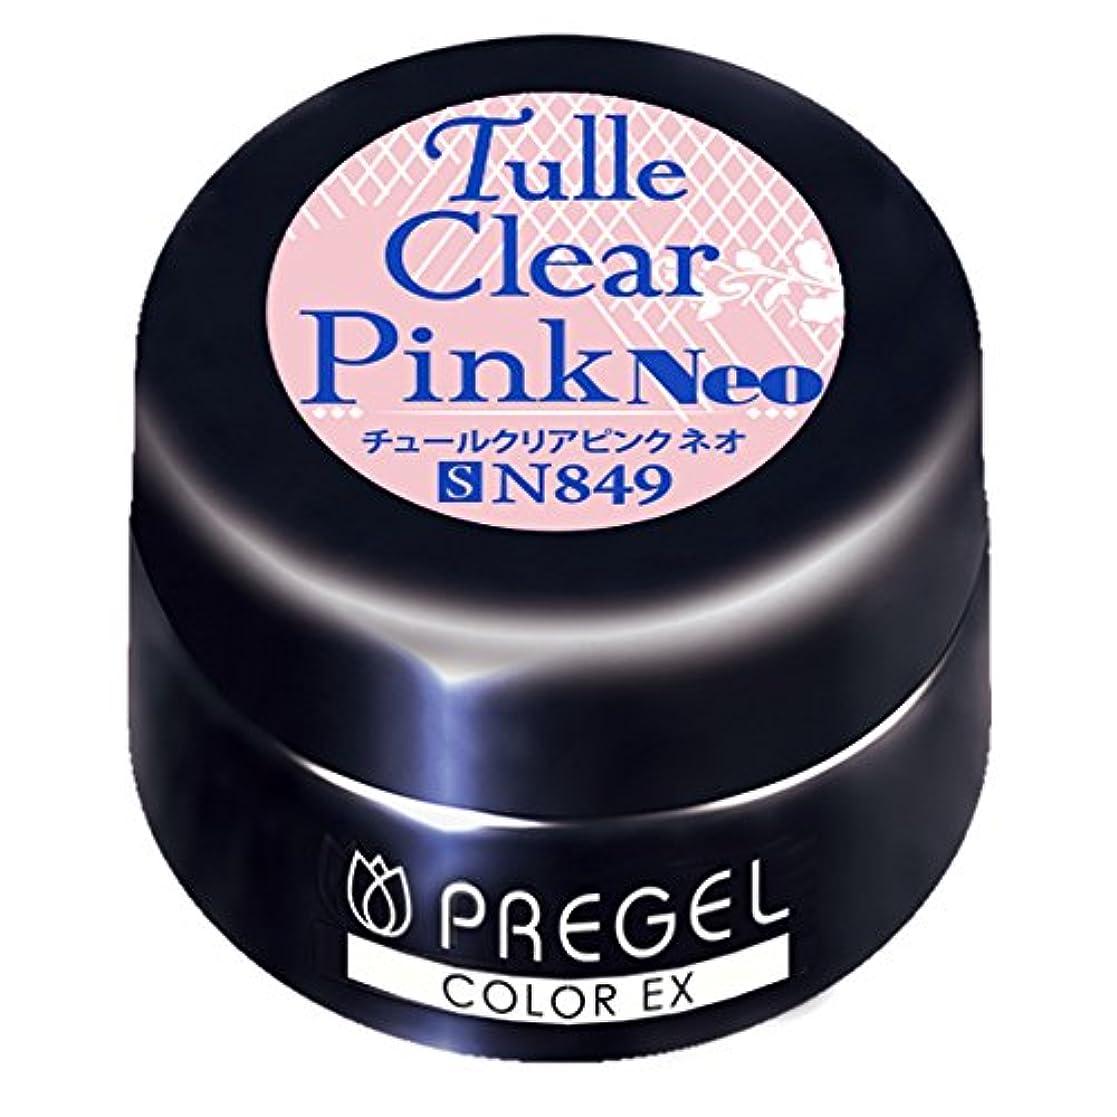 ほこりっぽいシュリンク破壊的PRE GEL カラーEX チュールクリアピンクneo849 3g UV/LED対応